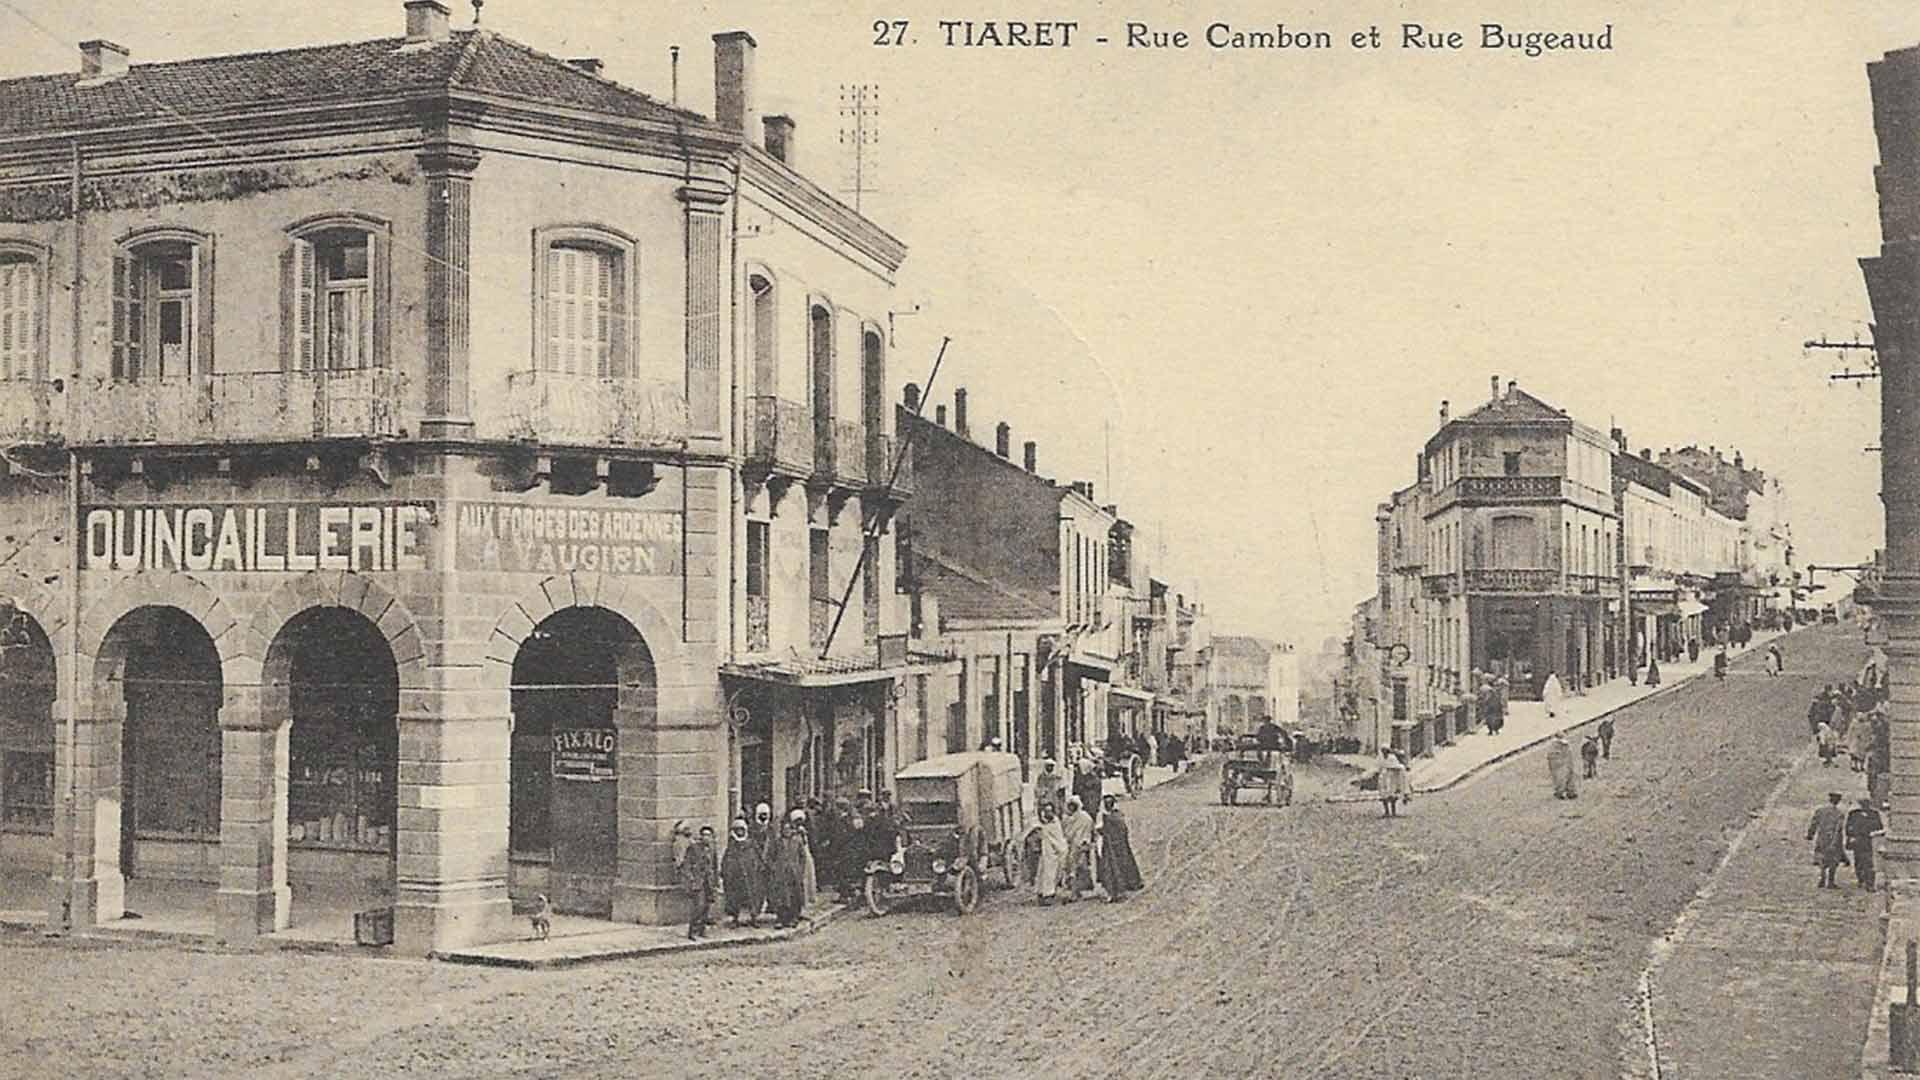 tiaret-rue-cambon-bugeaud